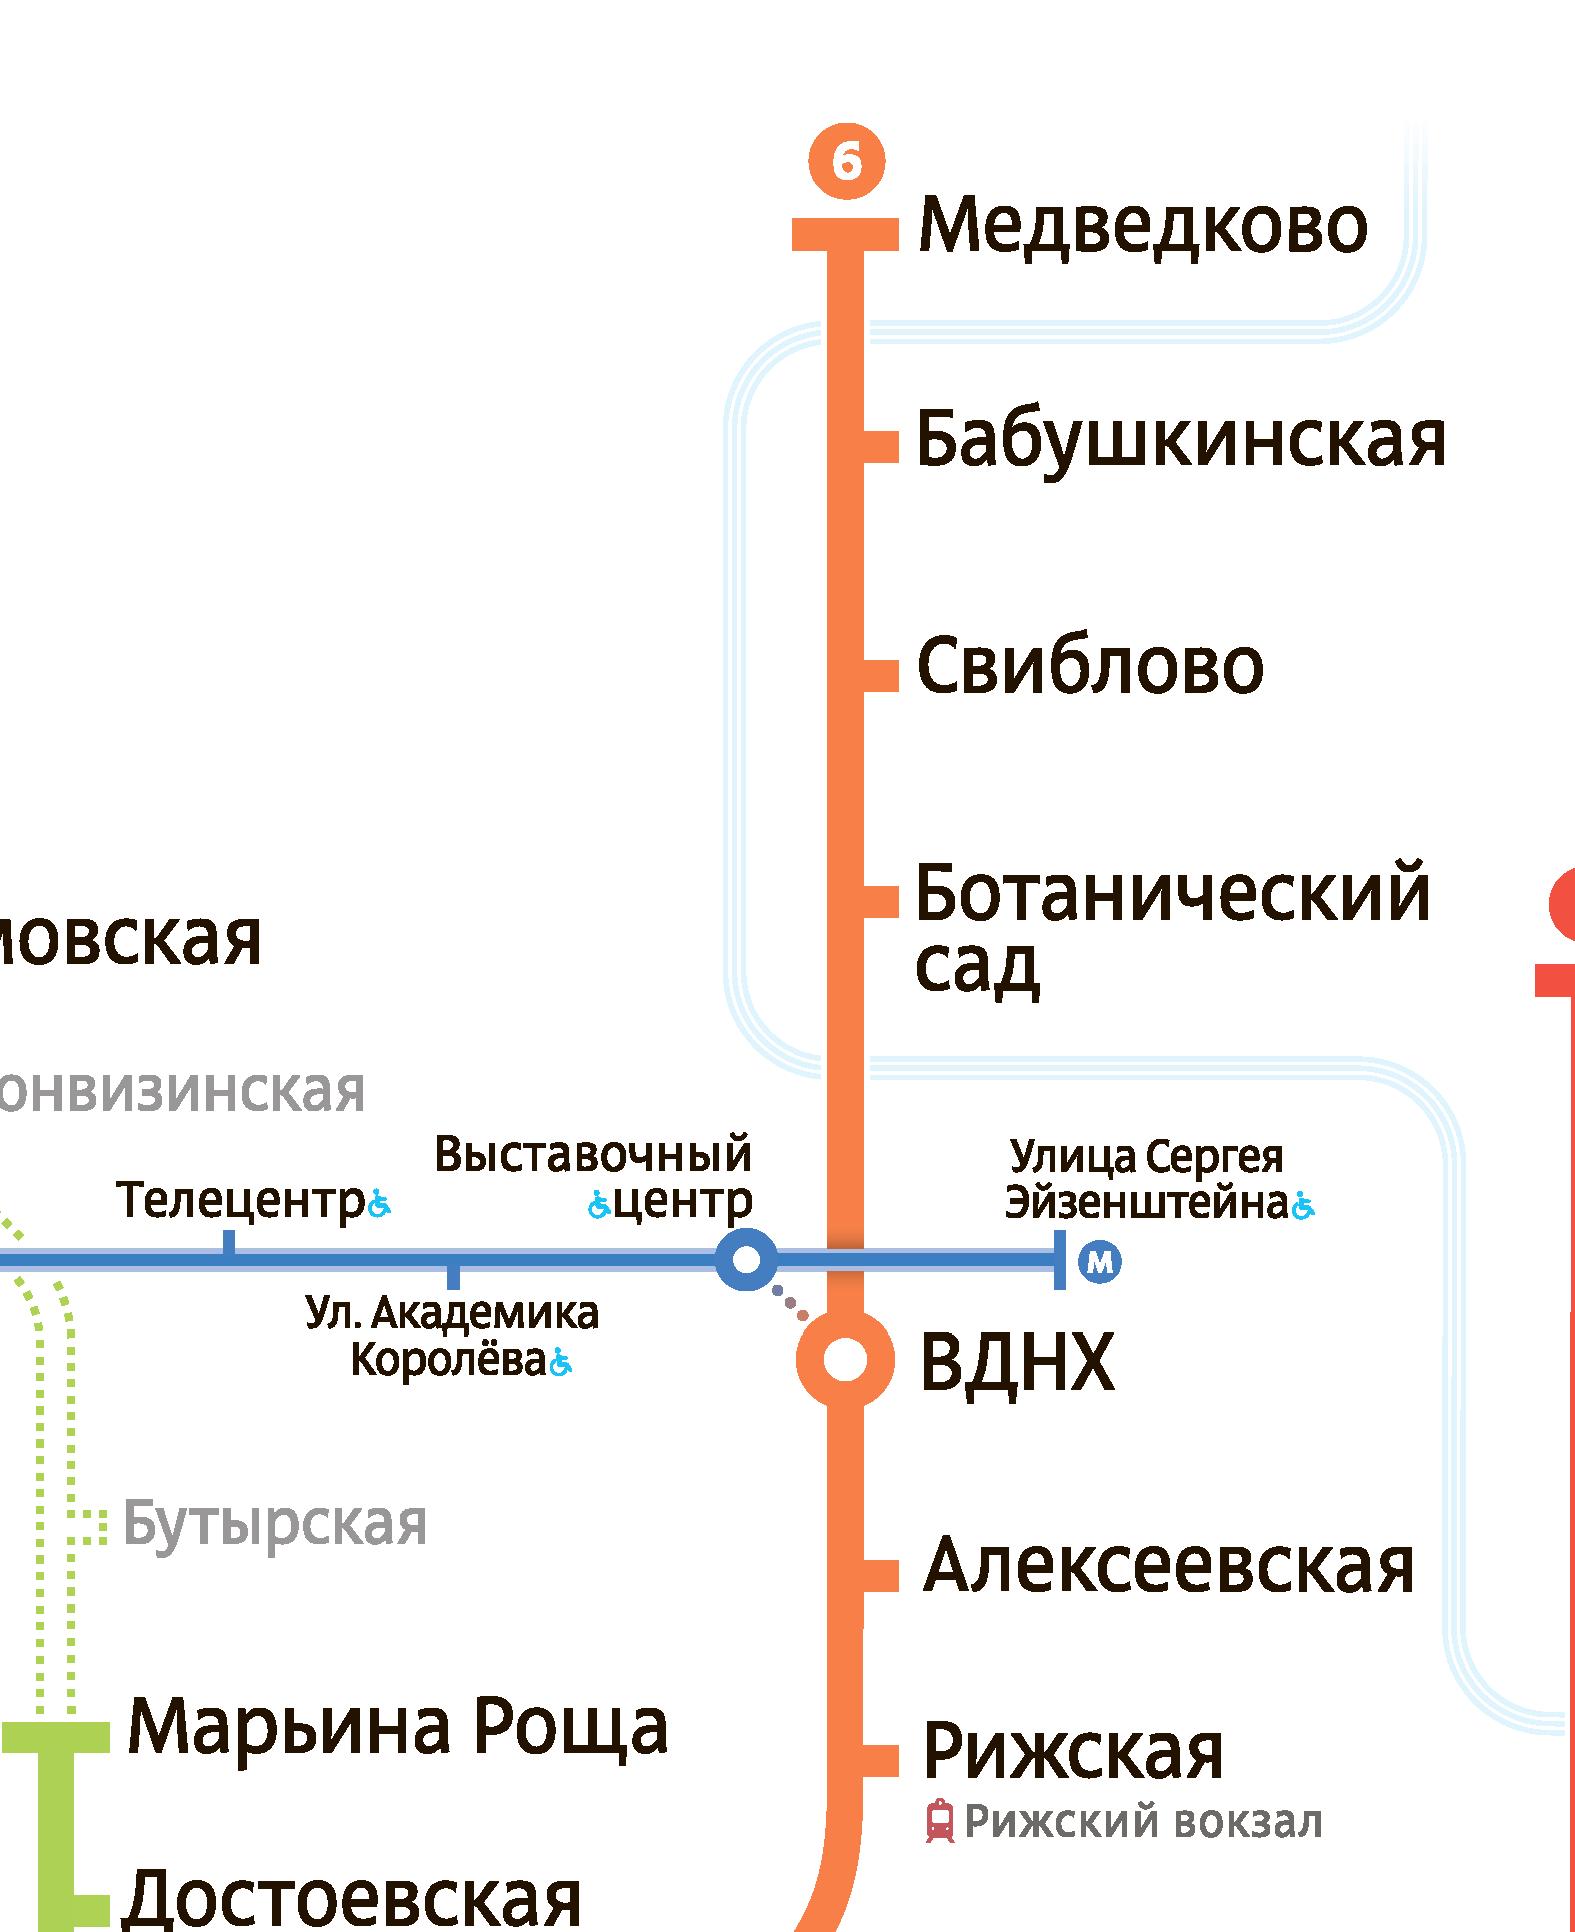 Схема железнодорожного сообщения москвы фото 901